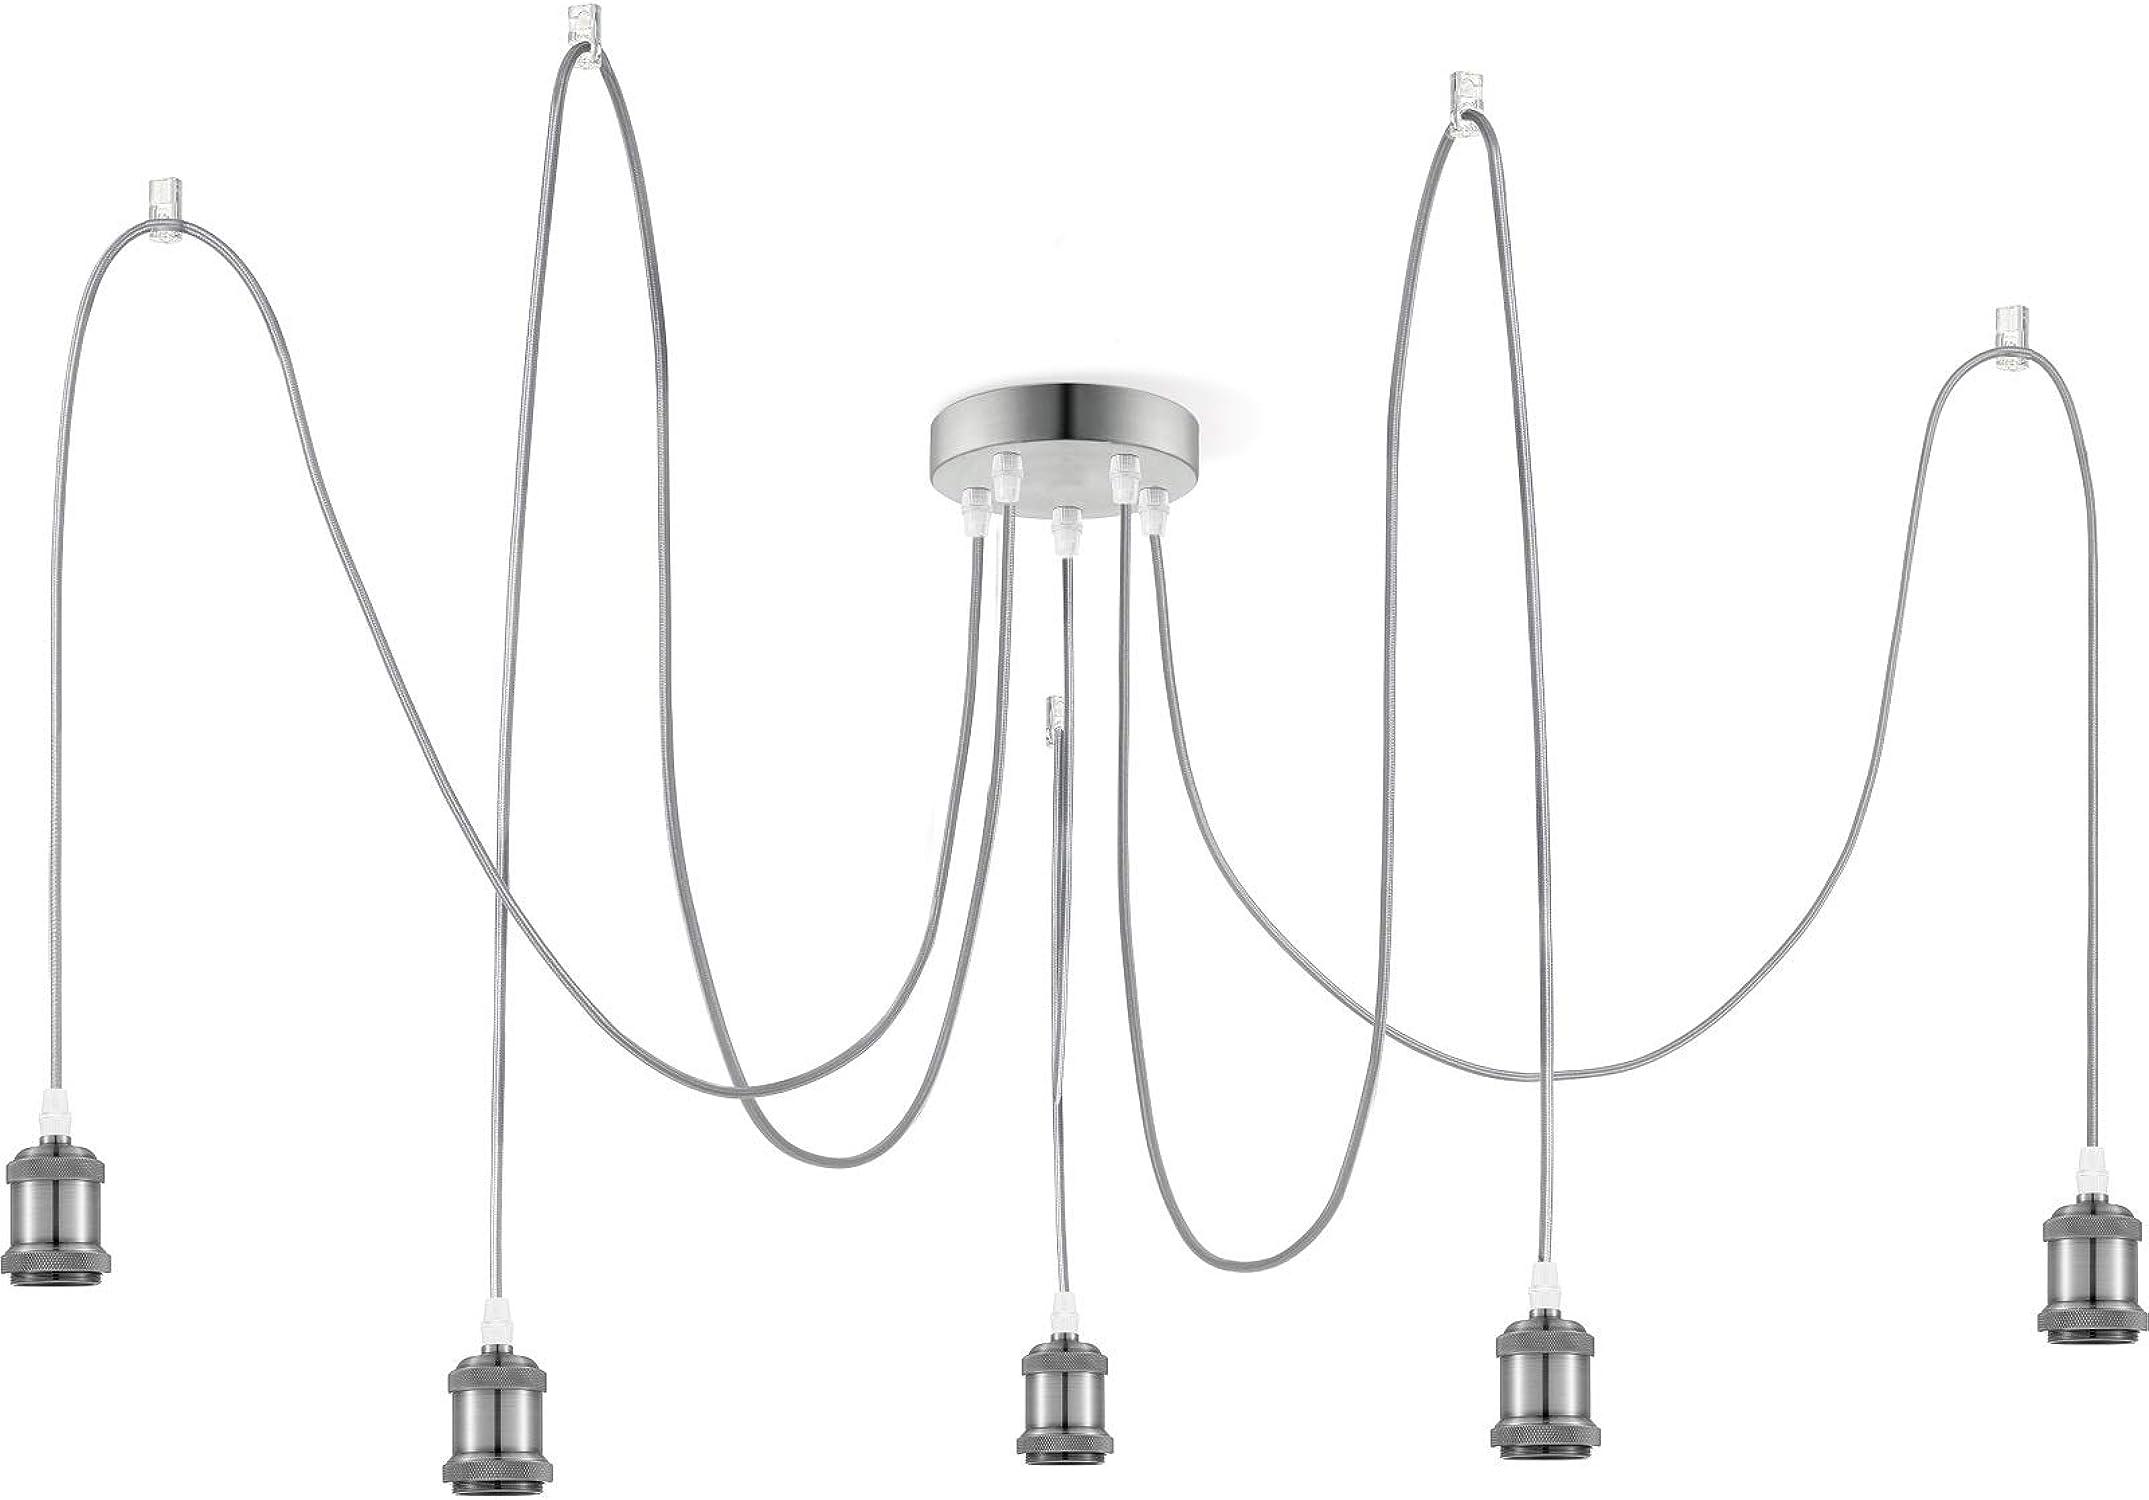 Suspension Vintage Acier Industriel Design Suspensions Lampe de Cuisine Lampe de Cuisine Lampe de Cuisine Lampe de Cuisine 5 Flammig Suspension Rétro Hauteur 100cm